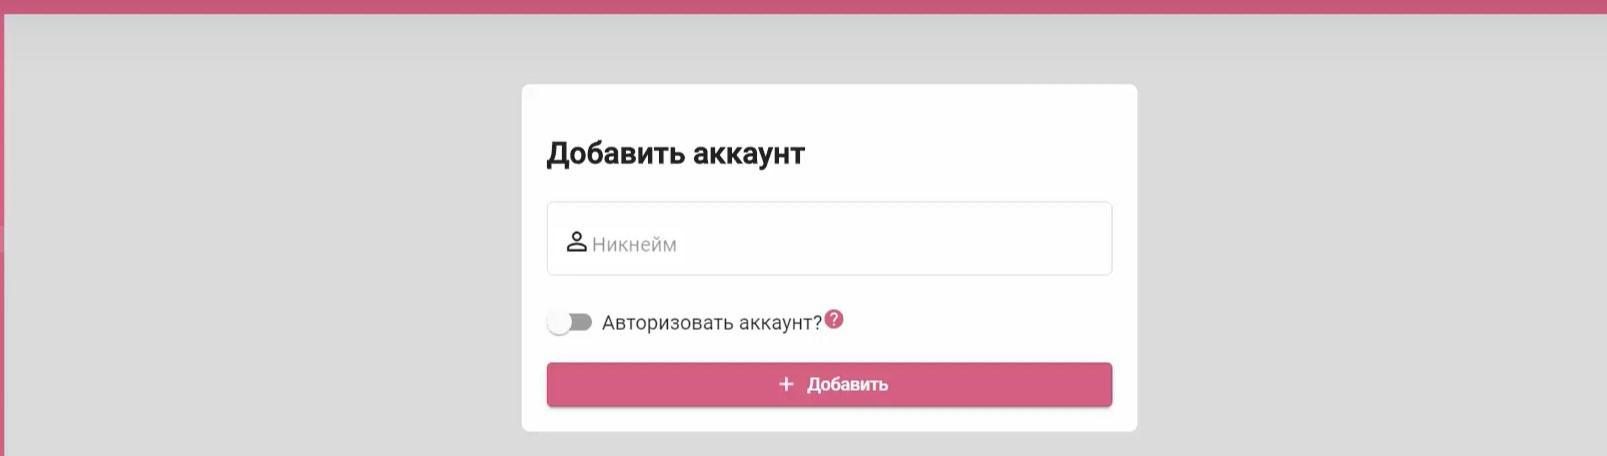 Как удалить ботов подписчиков в Инстаграм